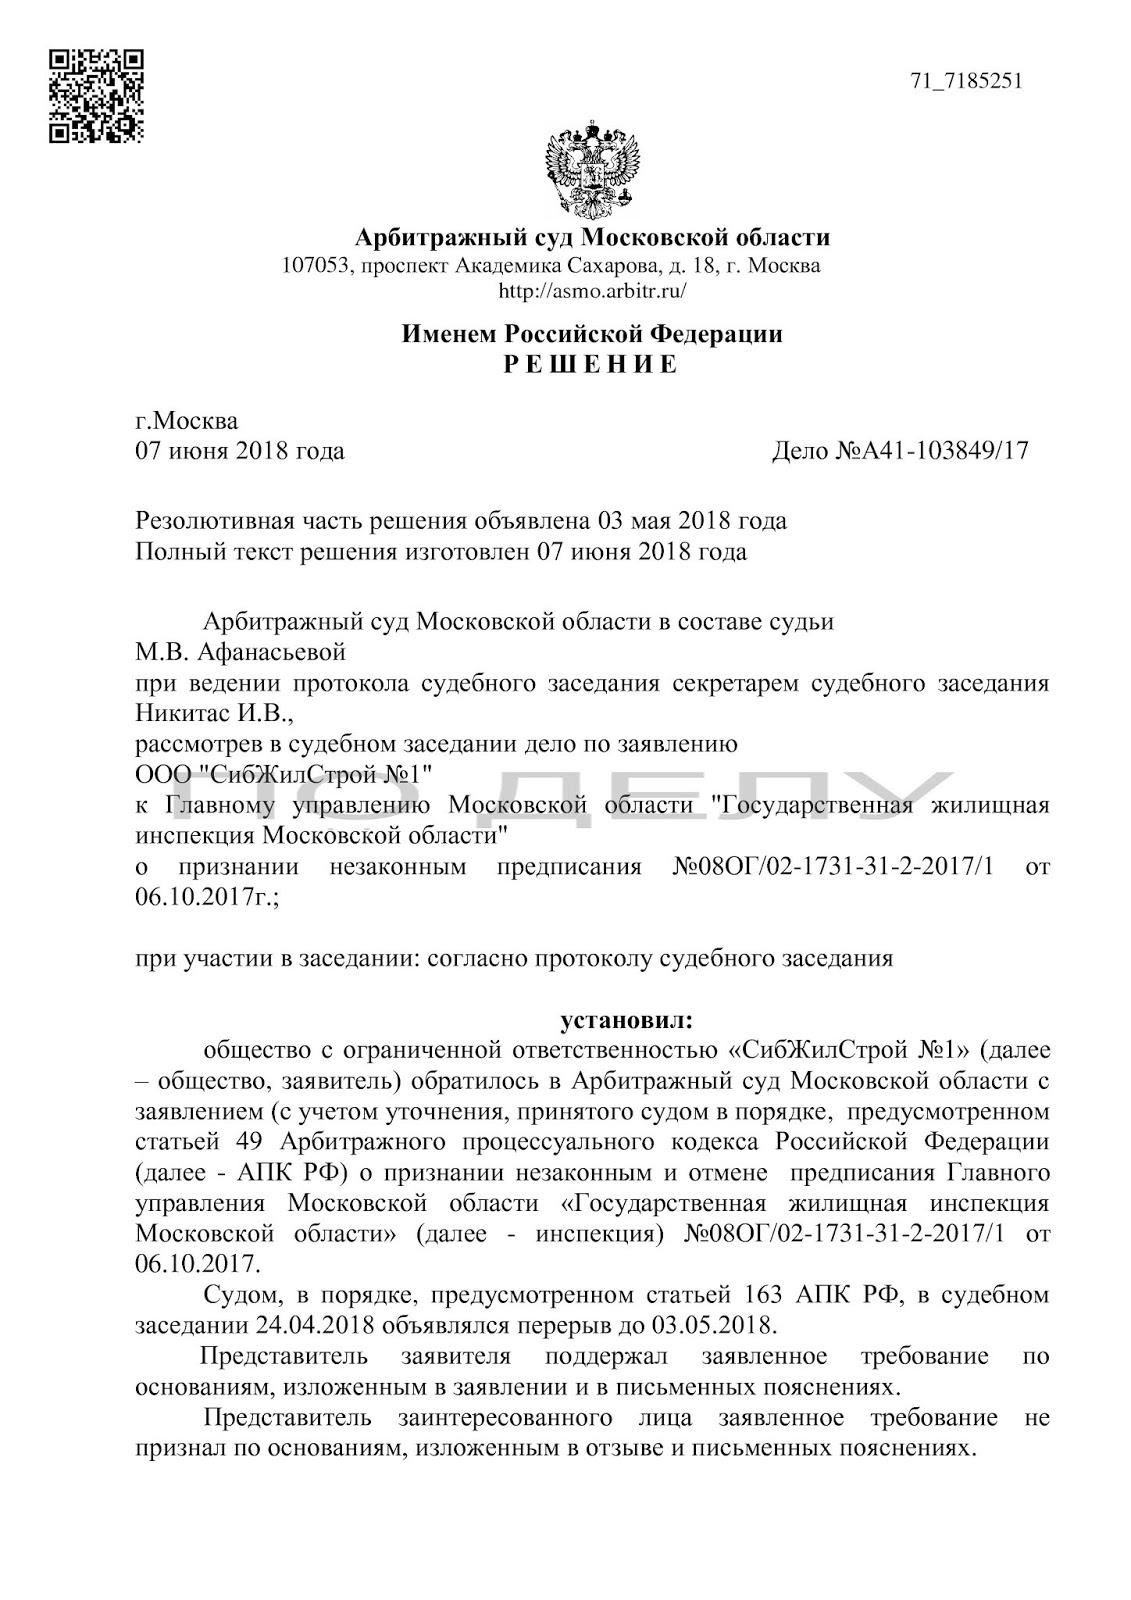 Решение Арбитражного суда по 4 тыр. за КГМ